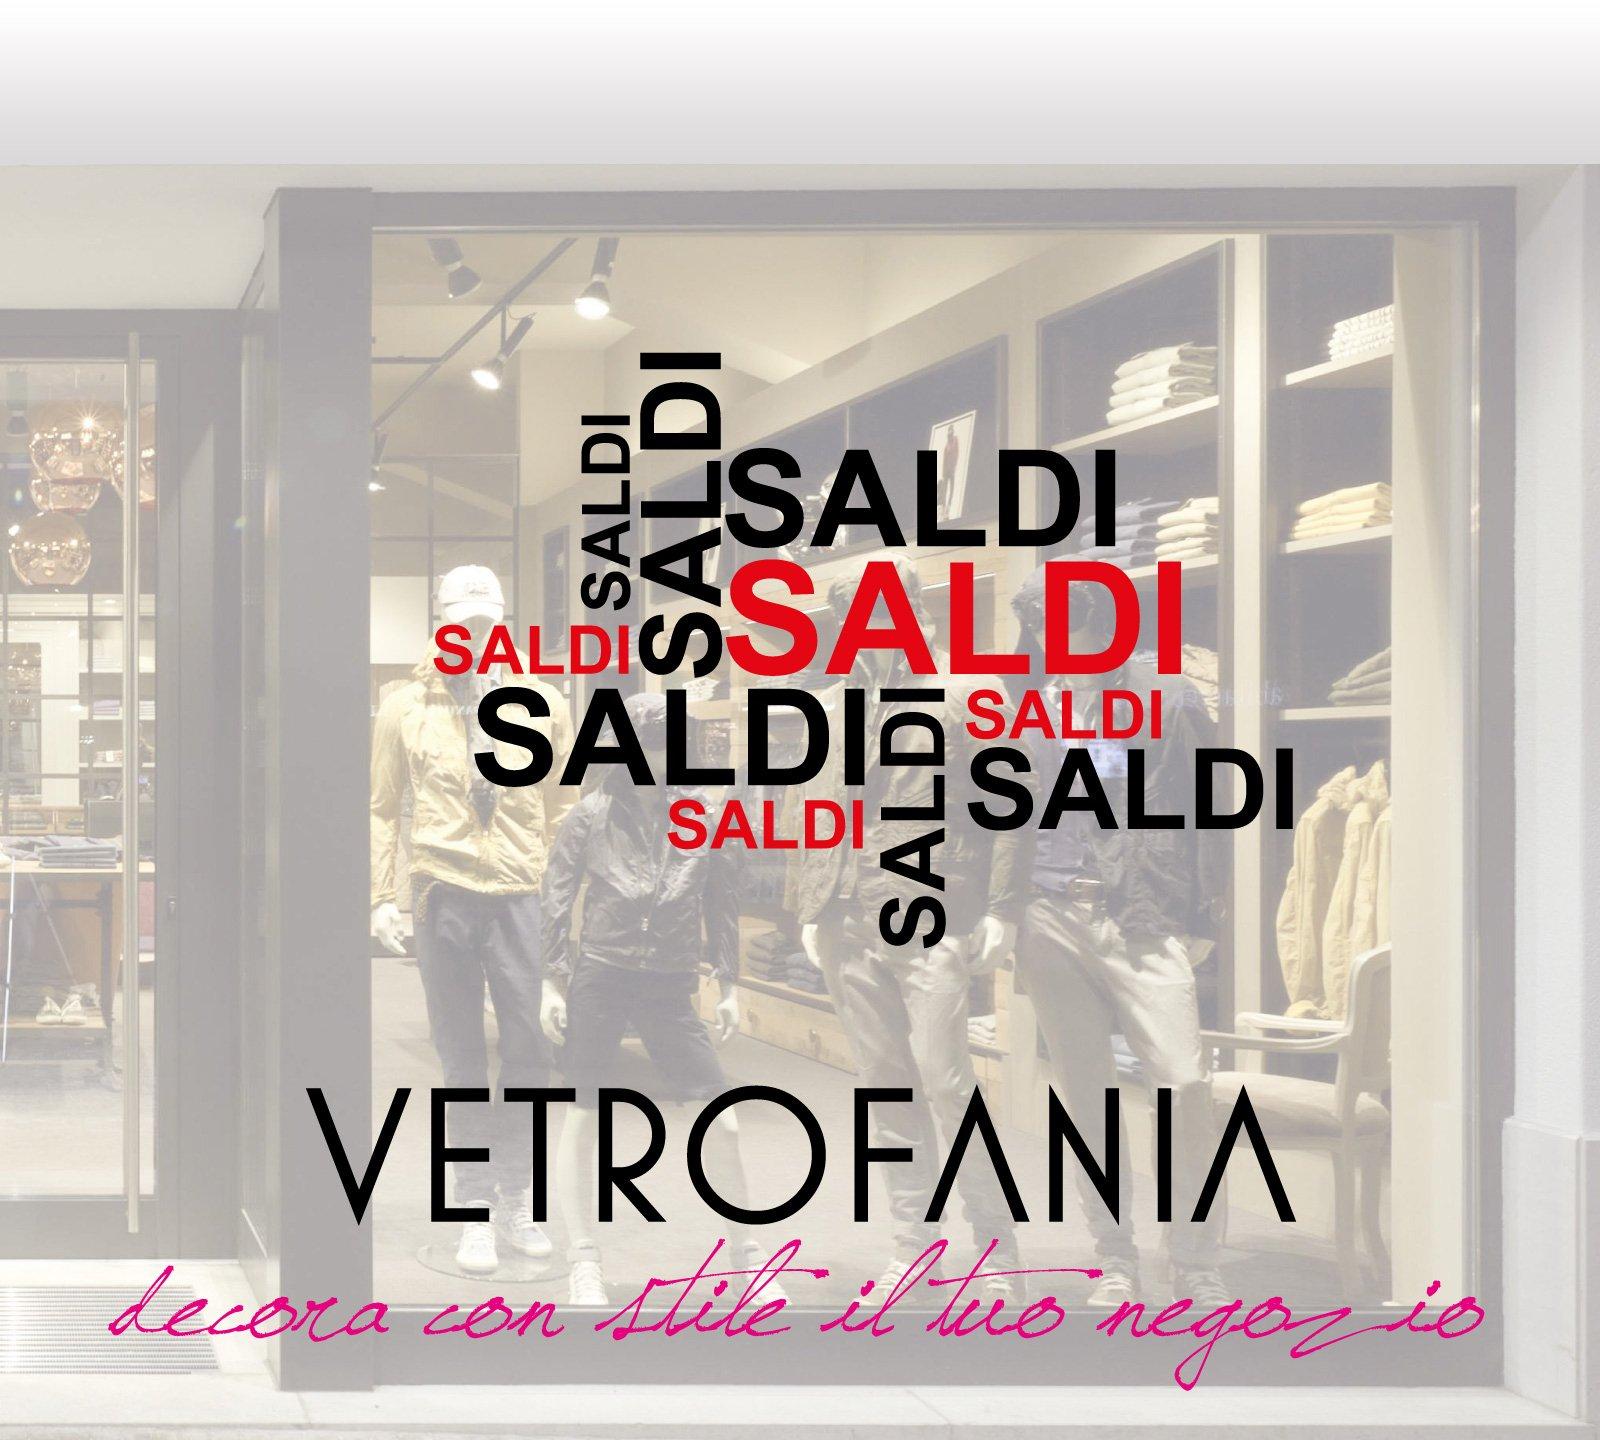 immagine con scritto Saldi Vetrofania, decora con stile il tuo negozio e sullo sfondo delle persone che fanno compere in un negozio di vestiti